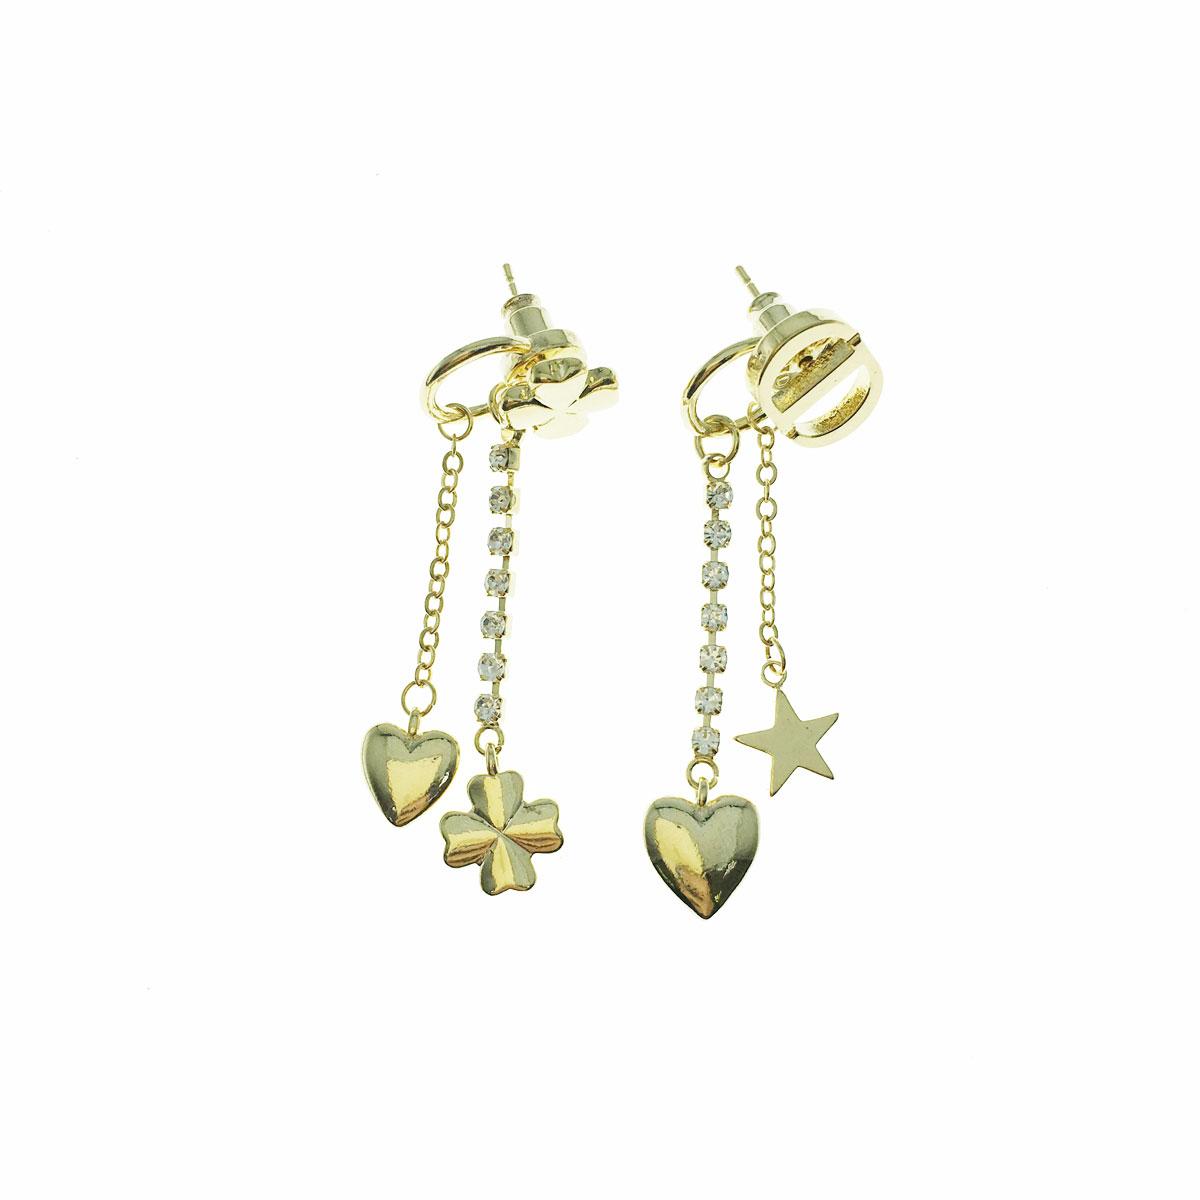 韓國 925純銀 水鑽 幸運草 愛心 星星 CD 後扣式 不對稱 垂墜感 耳針式 耳環